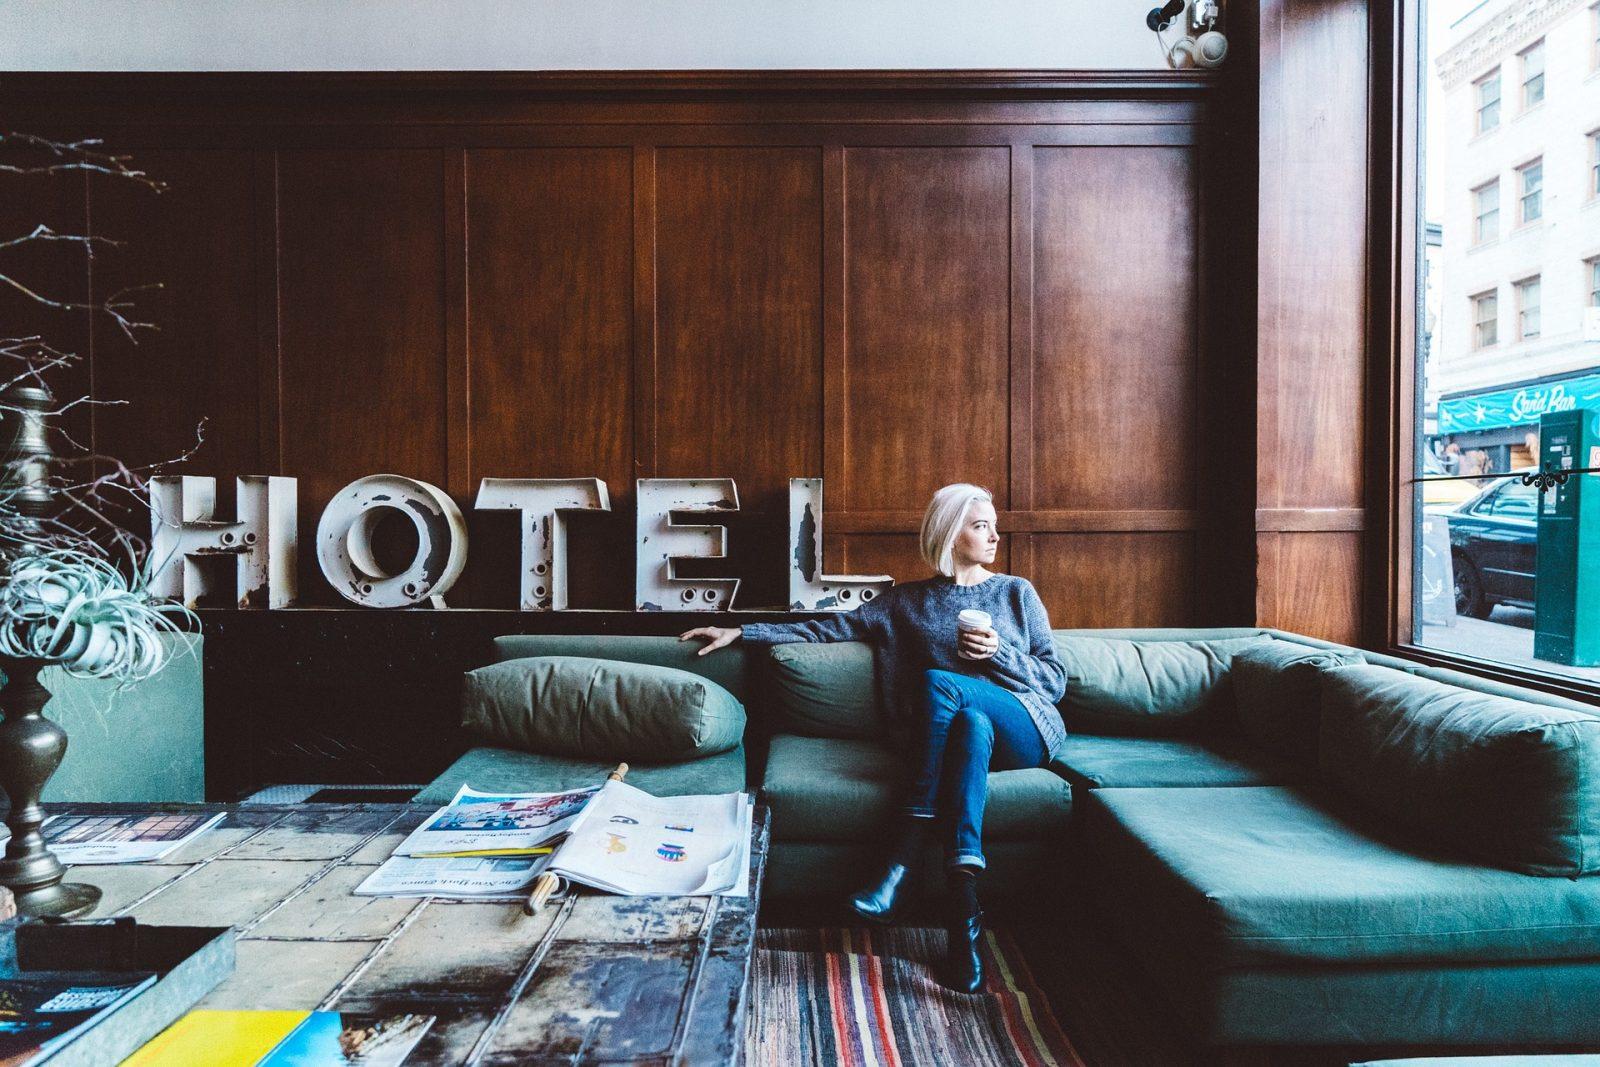 estetica funzionalità arredamento hotel